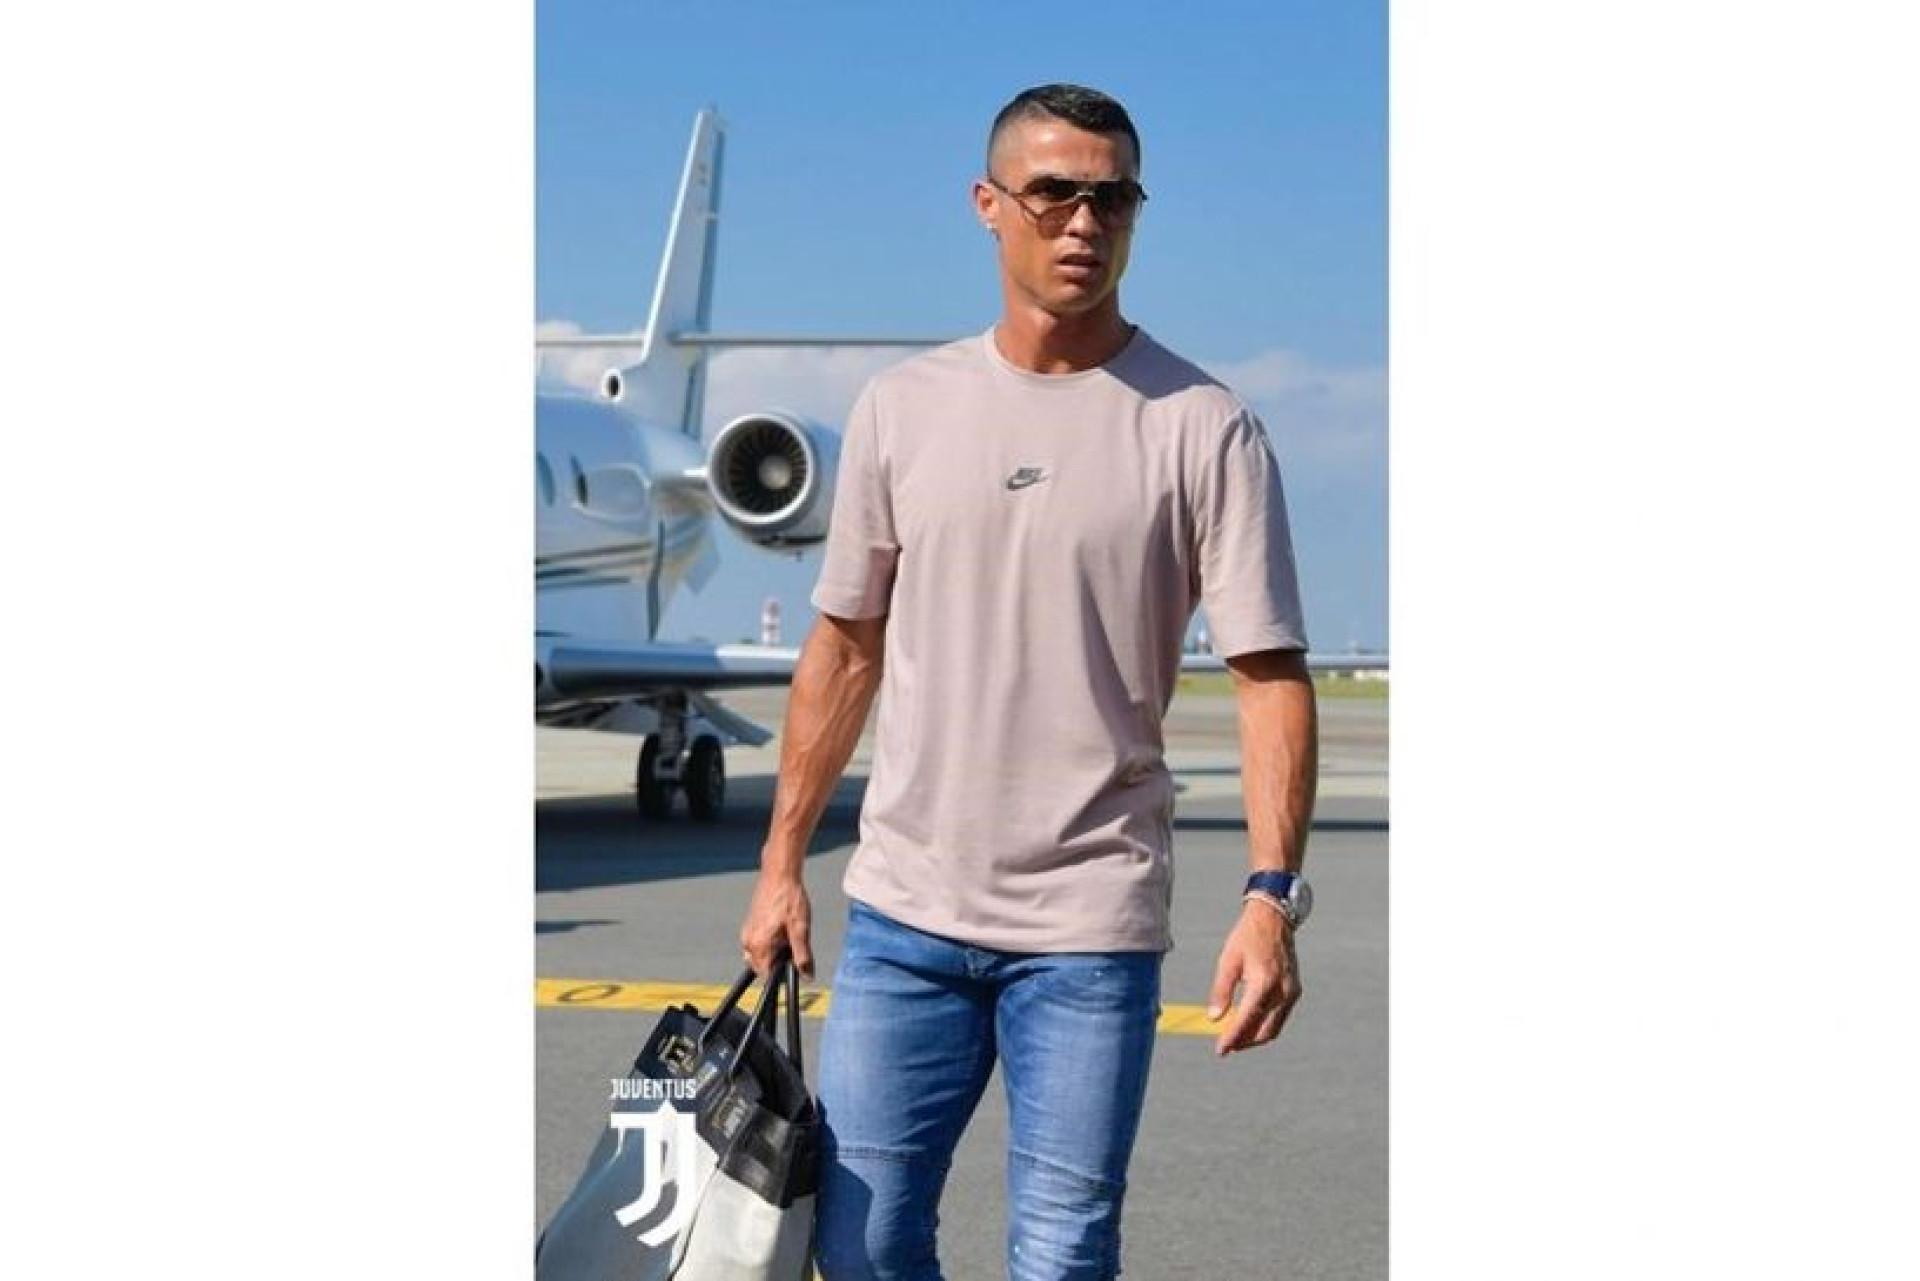 Adeptos da Juventus, podem acreditar! Aí está Cristiano Ronaldo